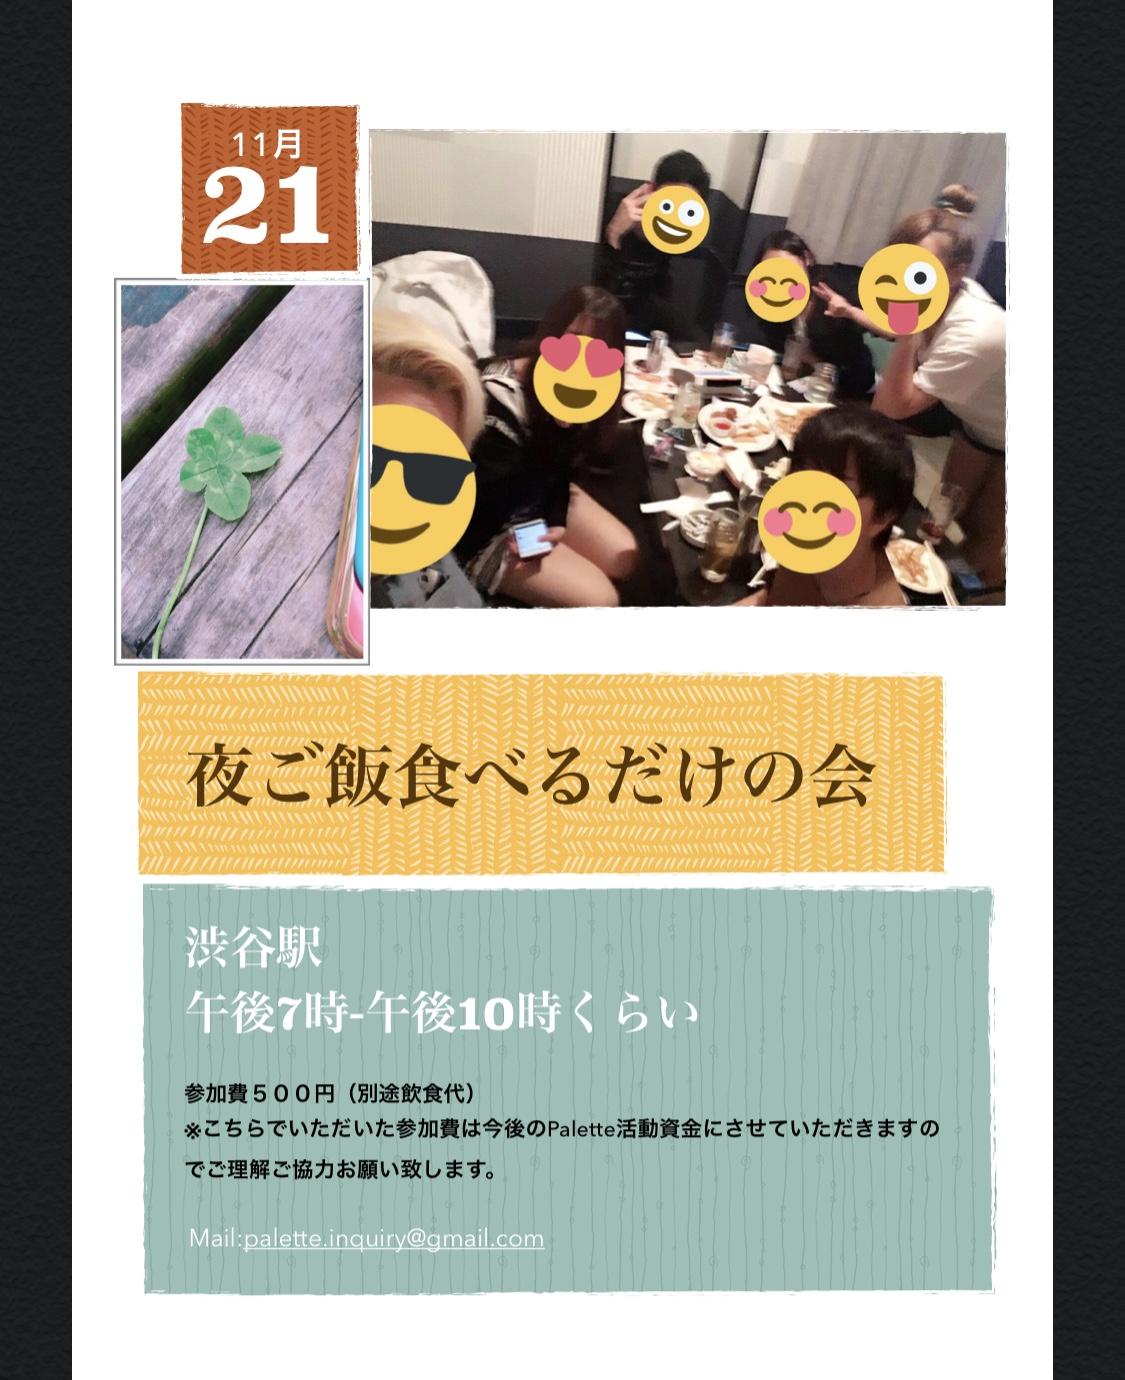 【当日参加OK】夜ご飯食べるだけ会in渋谷